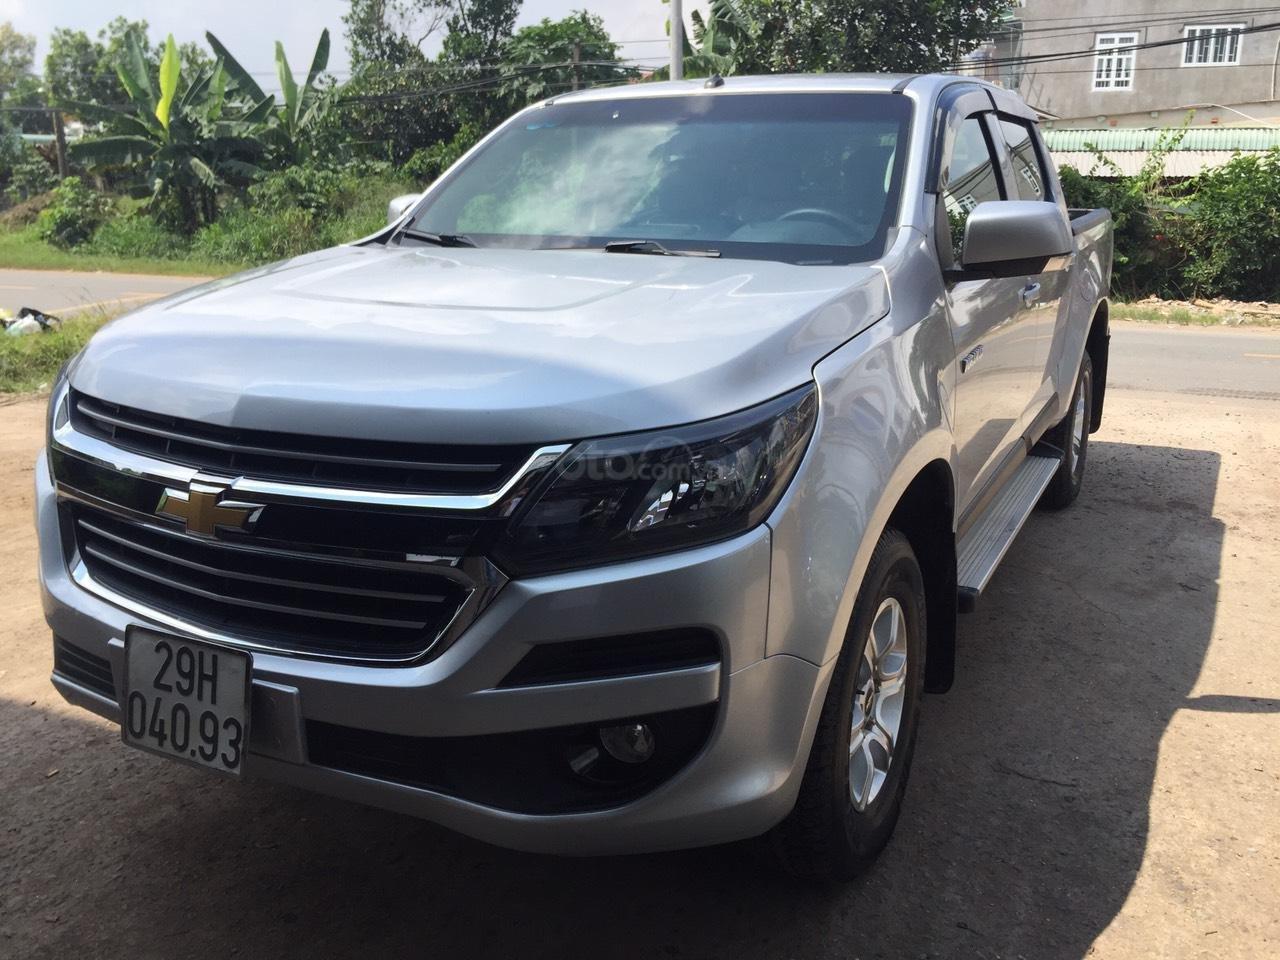 Xe bán tải Corolado 2016, 2 cầu, máy 2.5 - liên hệ: 0967829892 Anh Trung để biết thêm chi tiết (1)